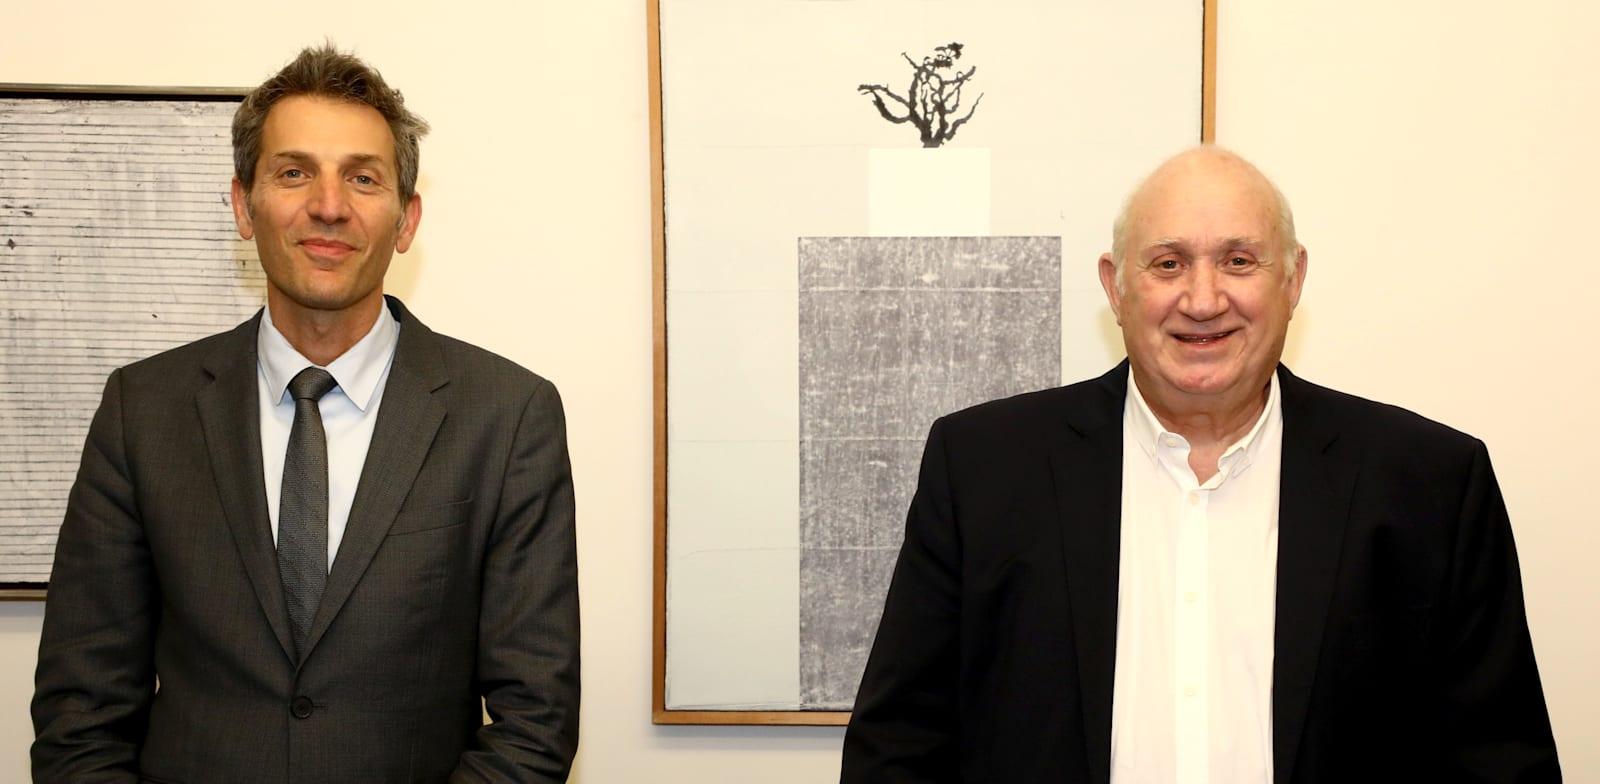 """מנכ""""ל שופרסל איציק אברכהן ומנכ""""ל דיסקונט אורי לוין / צילום: סיון פרג'"""